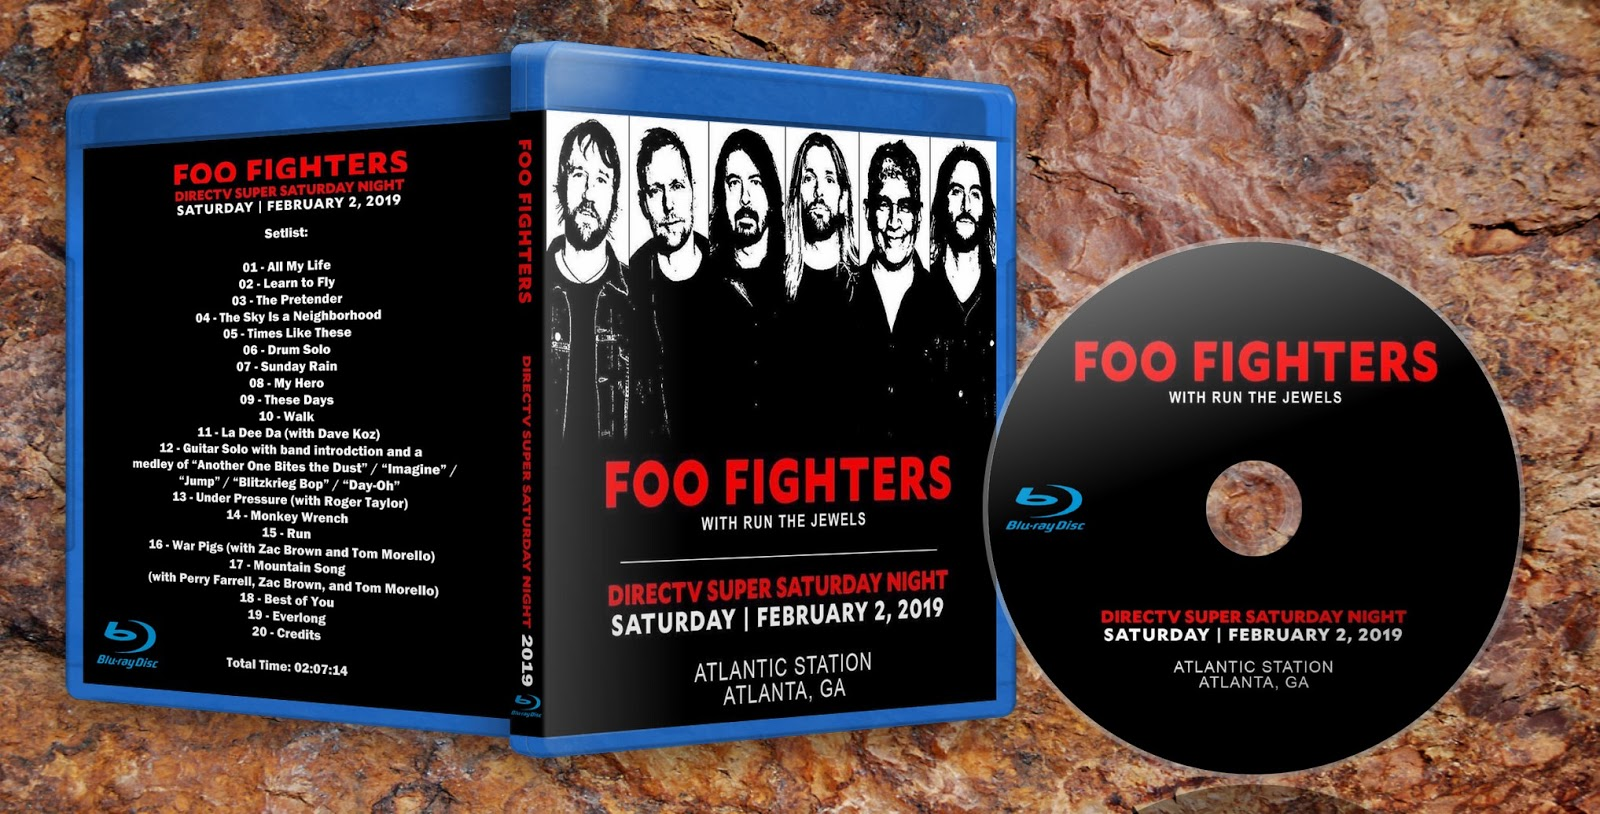 Deer5001RockCocert : Foo Fighters - 2019-02-02 - Super Saturday